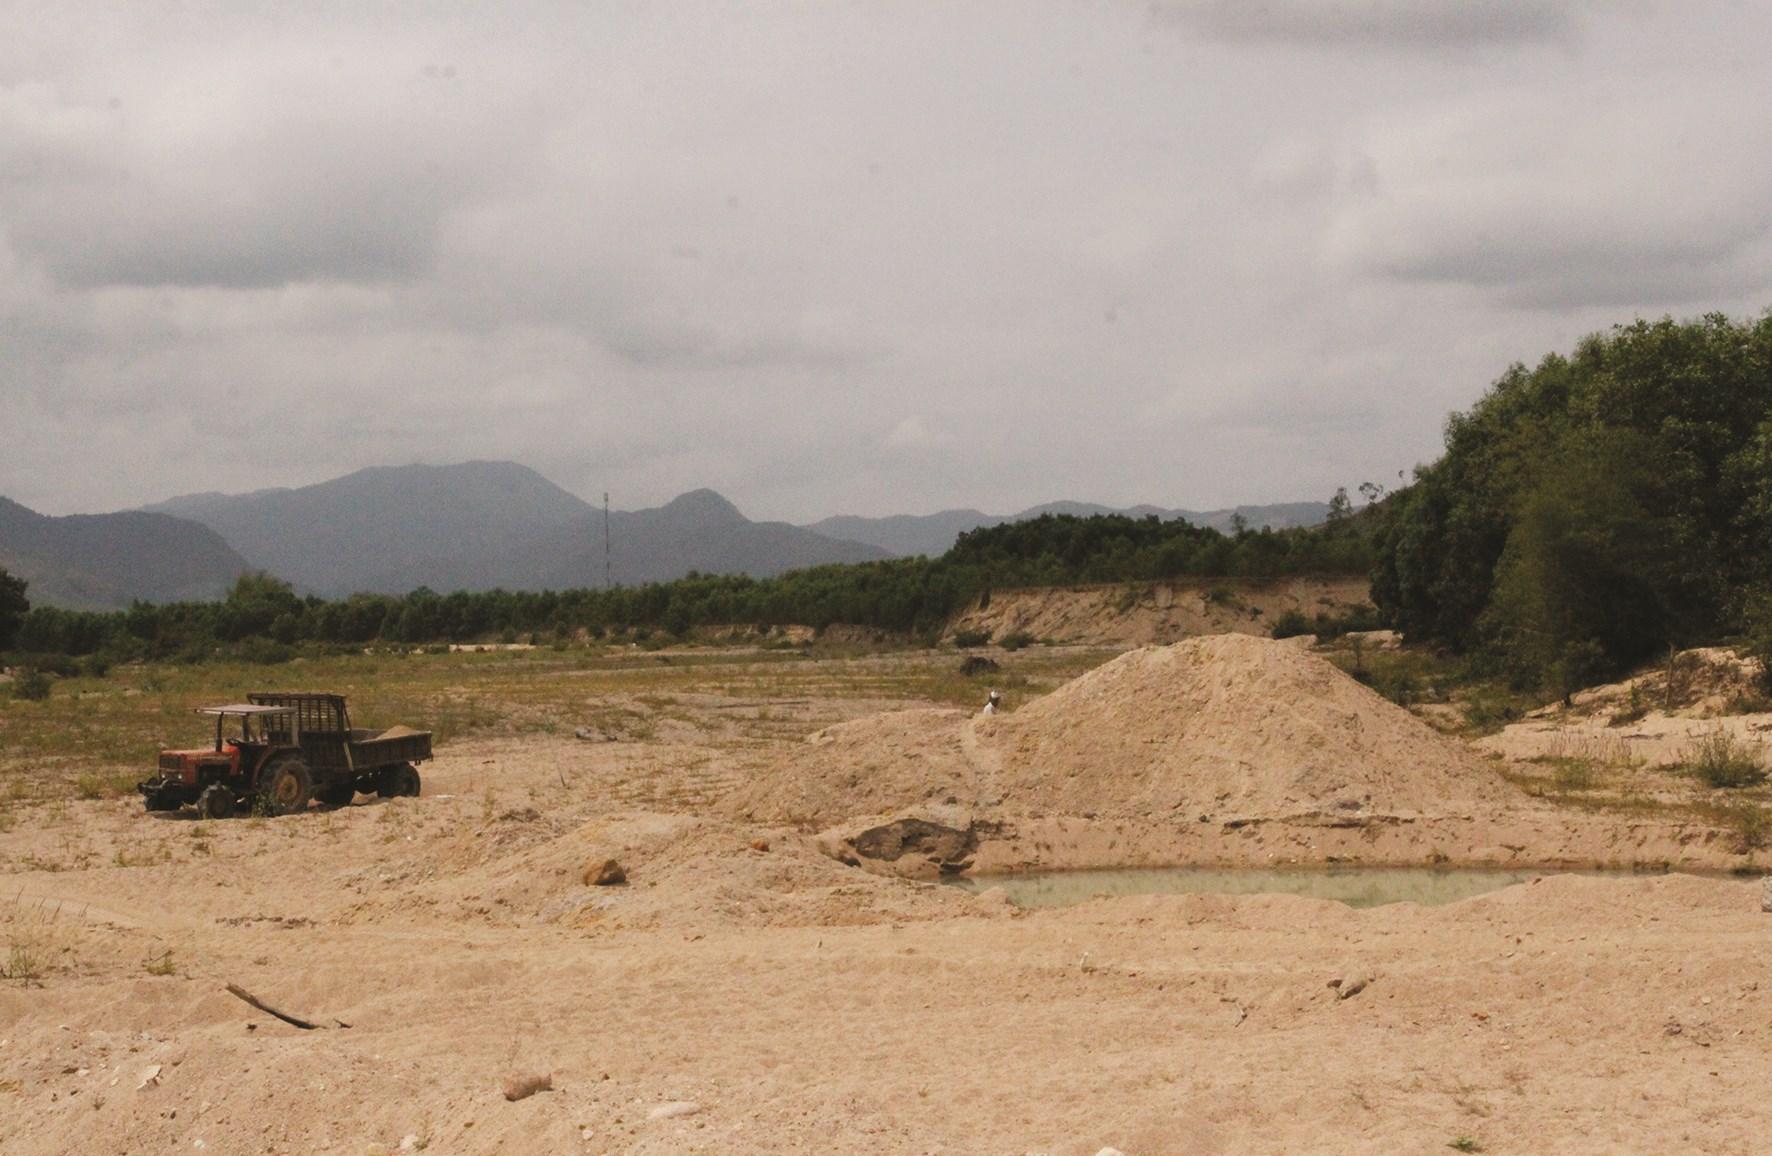 Các đối tượng khai thác lậu dùng xe độ chế để chở cát đi tiêu thụ.